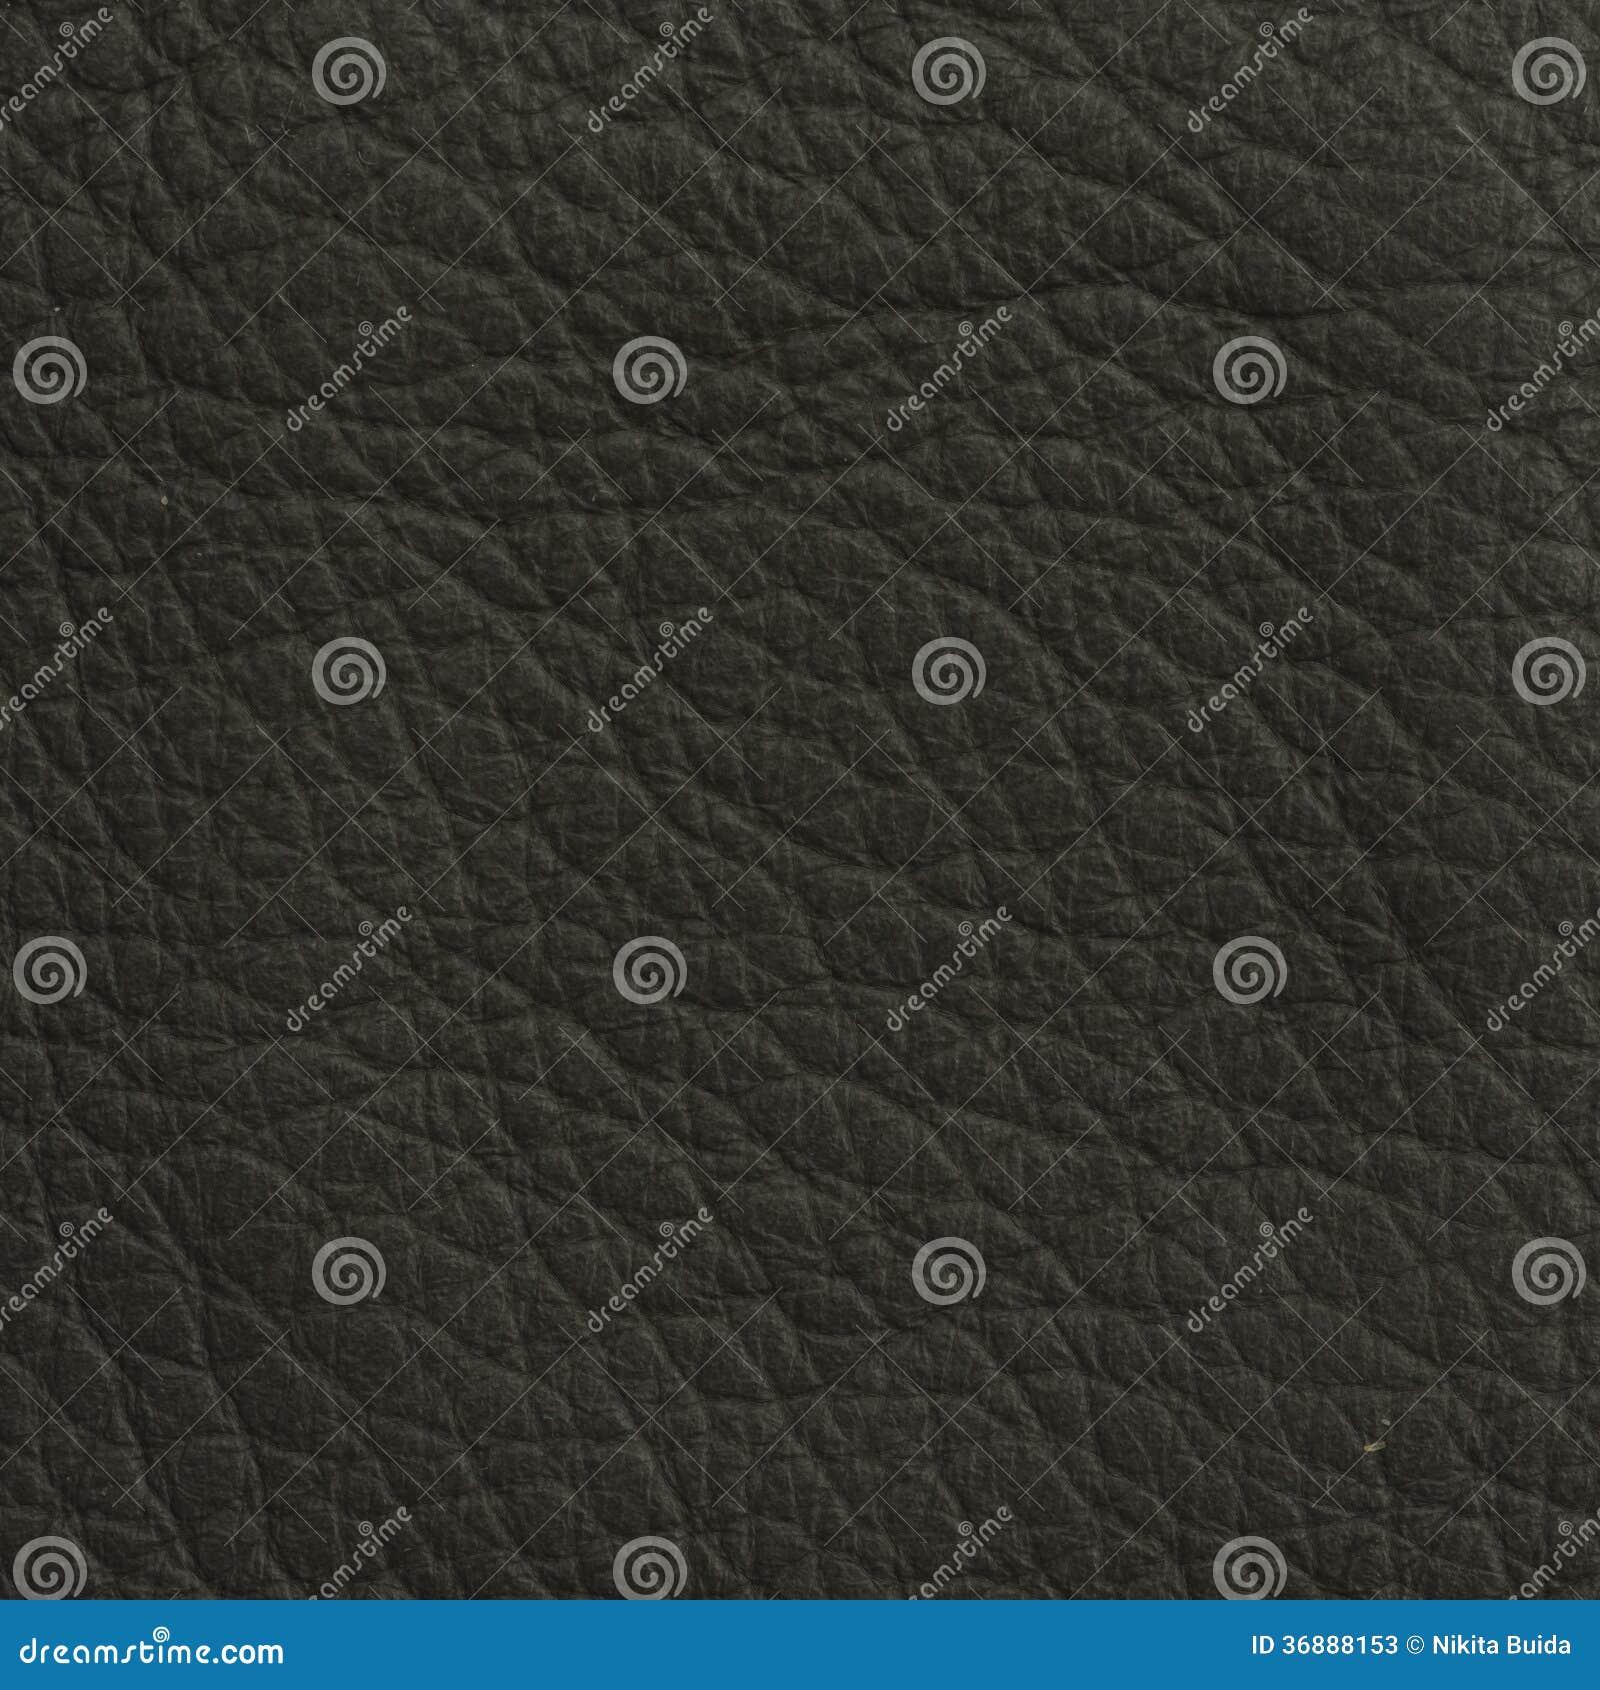 Download Struttura Di Cuoio Per Fondo Immagine Stock - Immagine di materiale, copia: 36888153